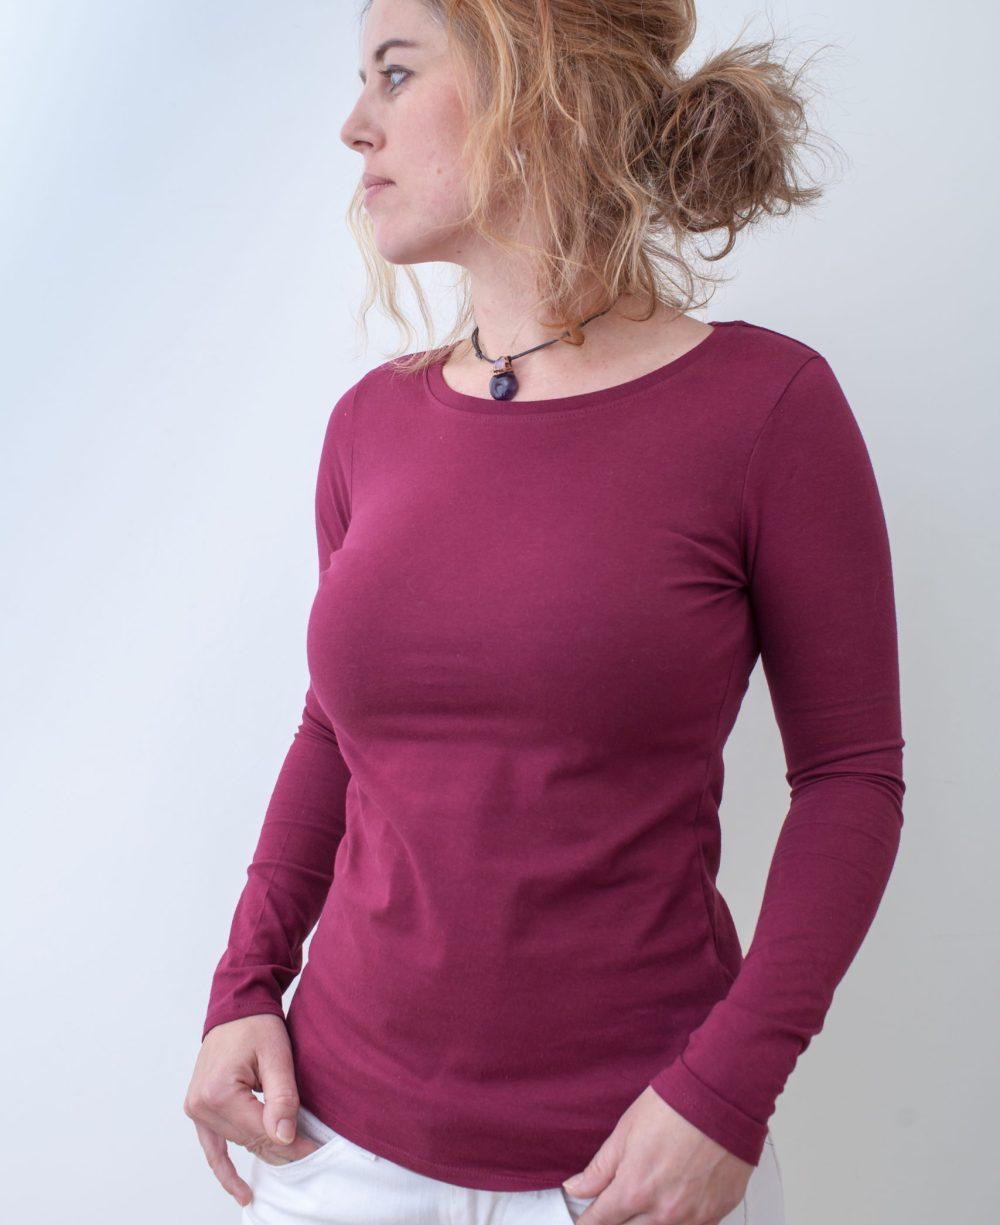 weinrot-Damenshirt-BIO-für-dialysepatienten-mit-individuellem-reißverschluss-diazipp-dialysebekleidung